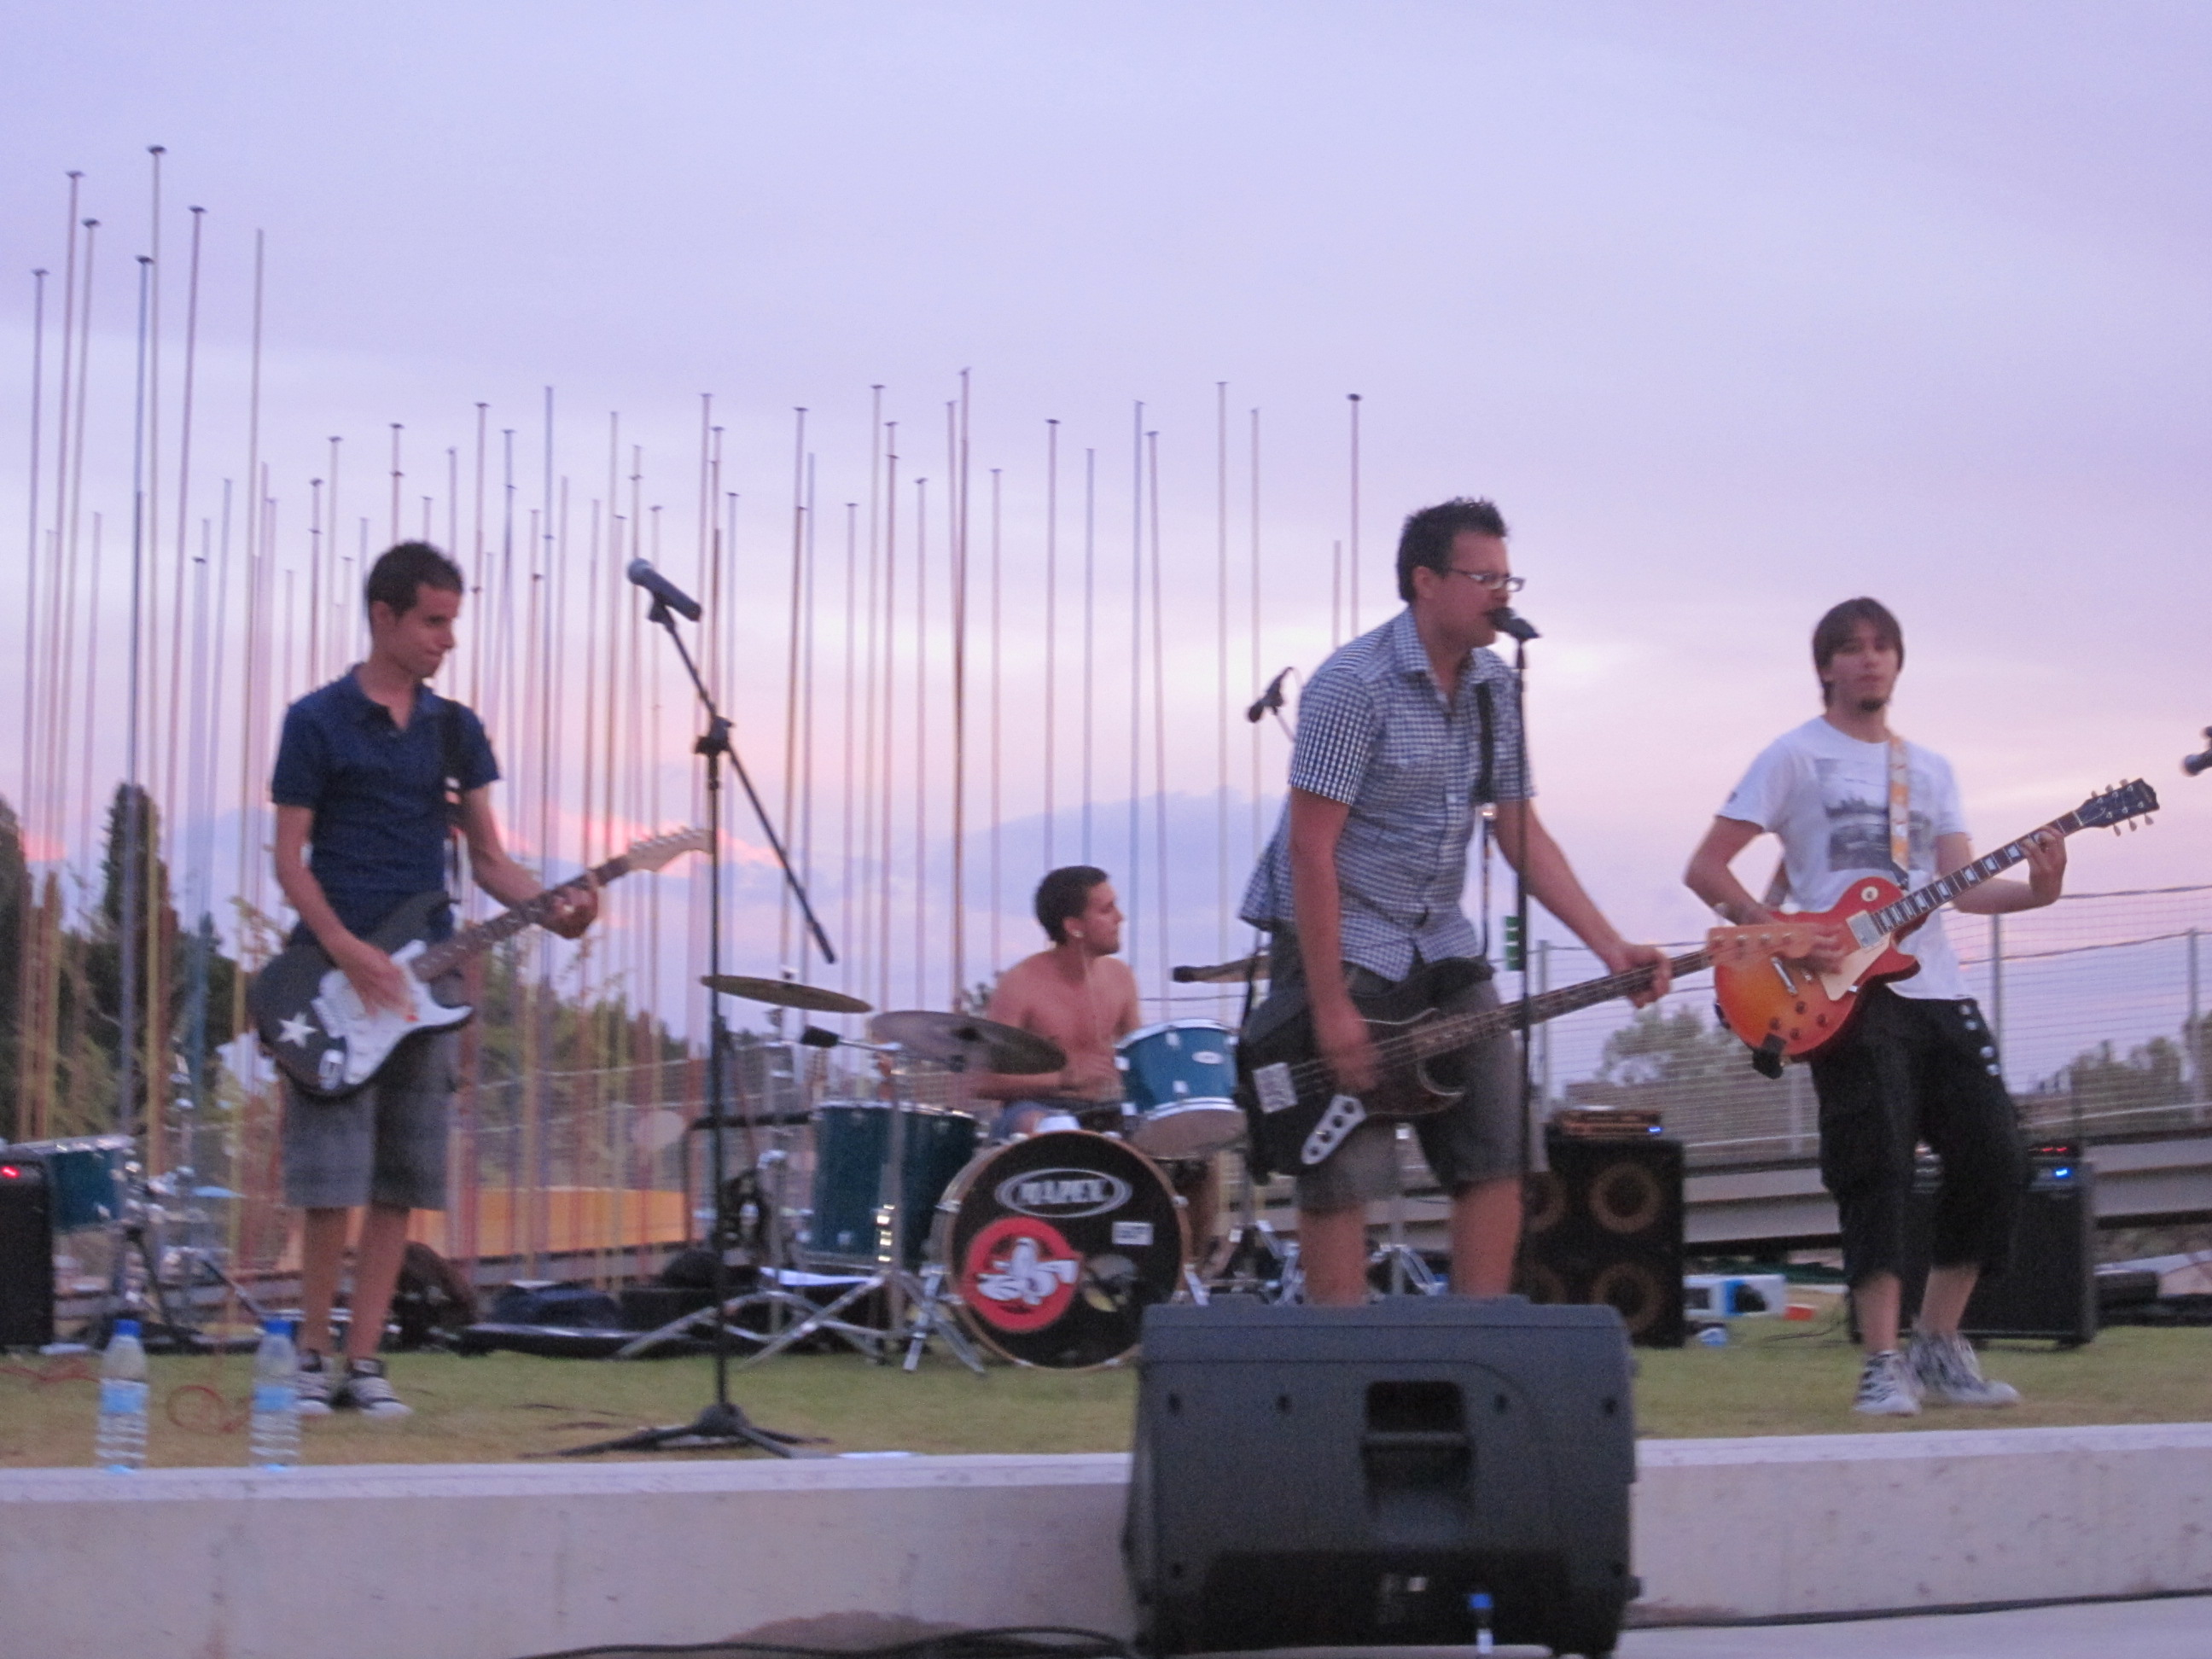 The Smmugler´s Punk fueron los encargados de inaugurar el concierto